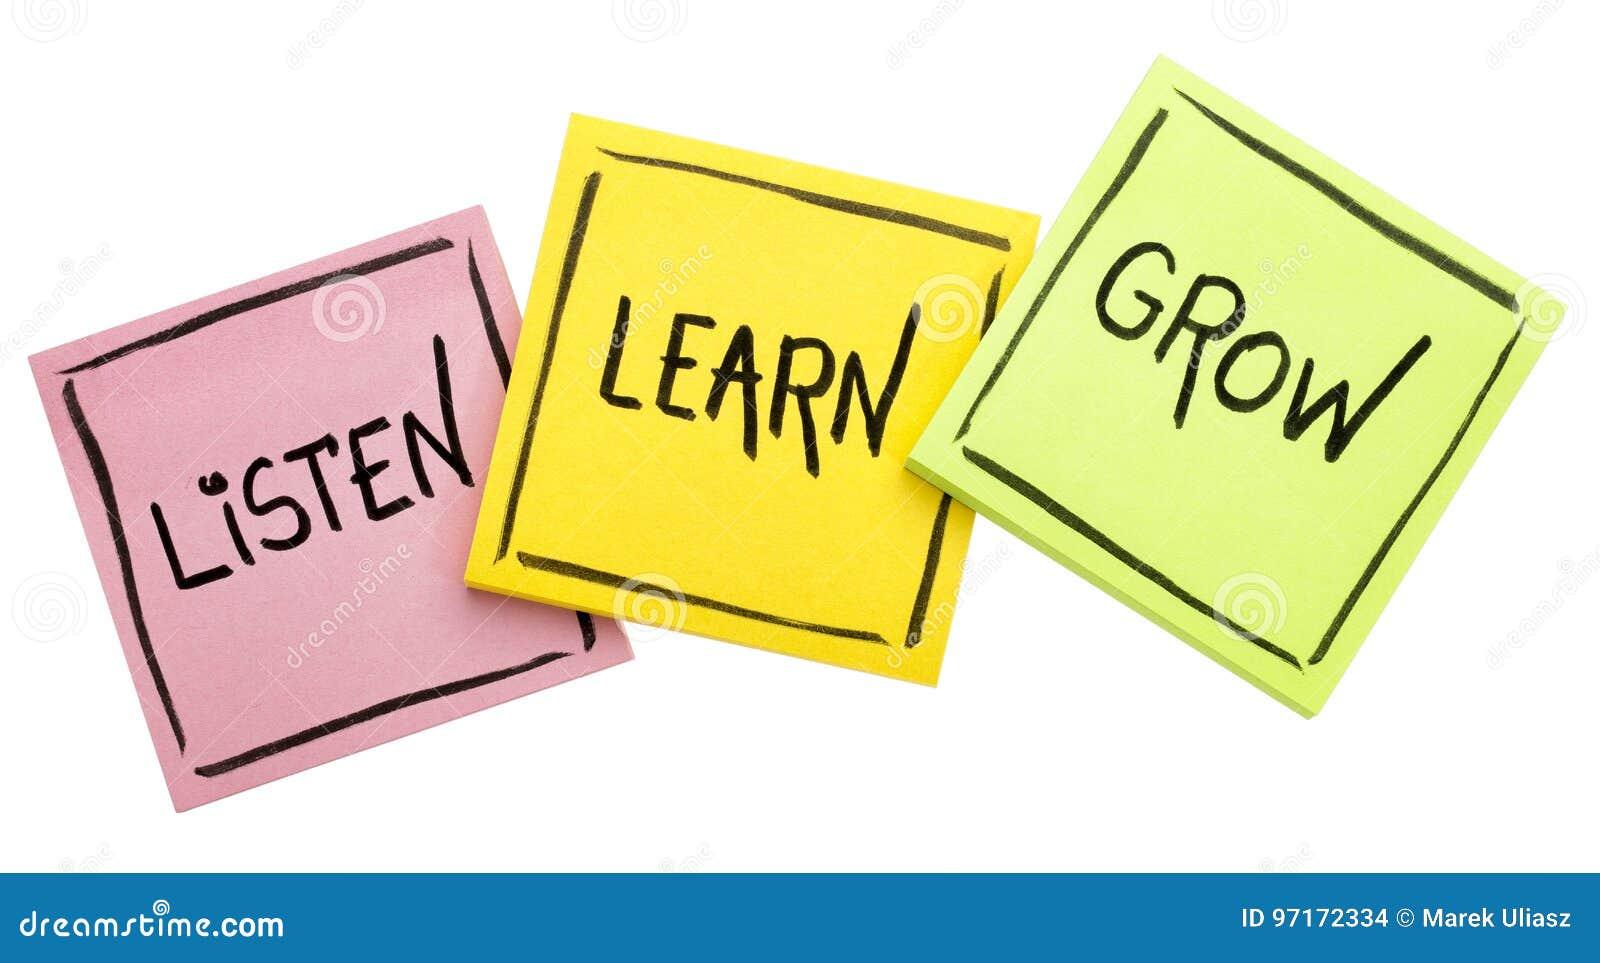 Écoutent, apprennent, se développent - le conseil ou le rappel